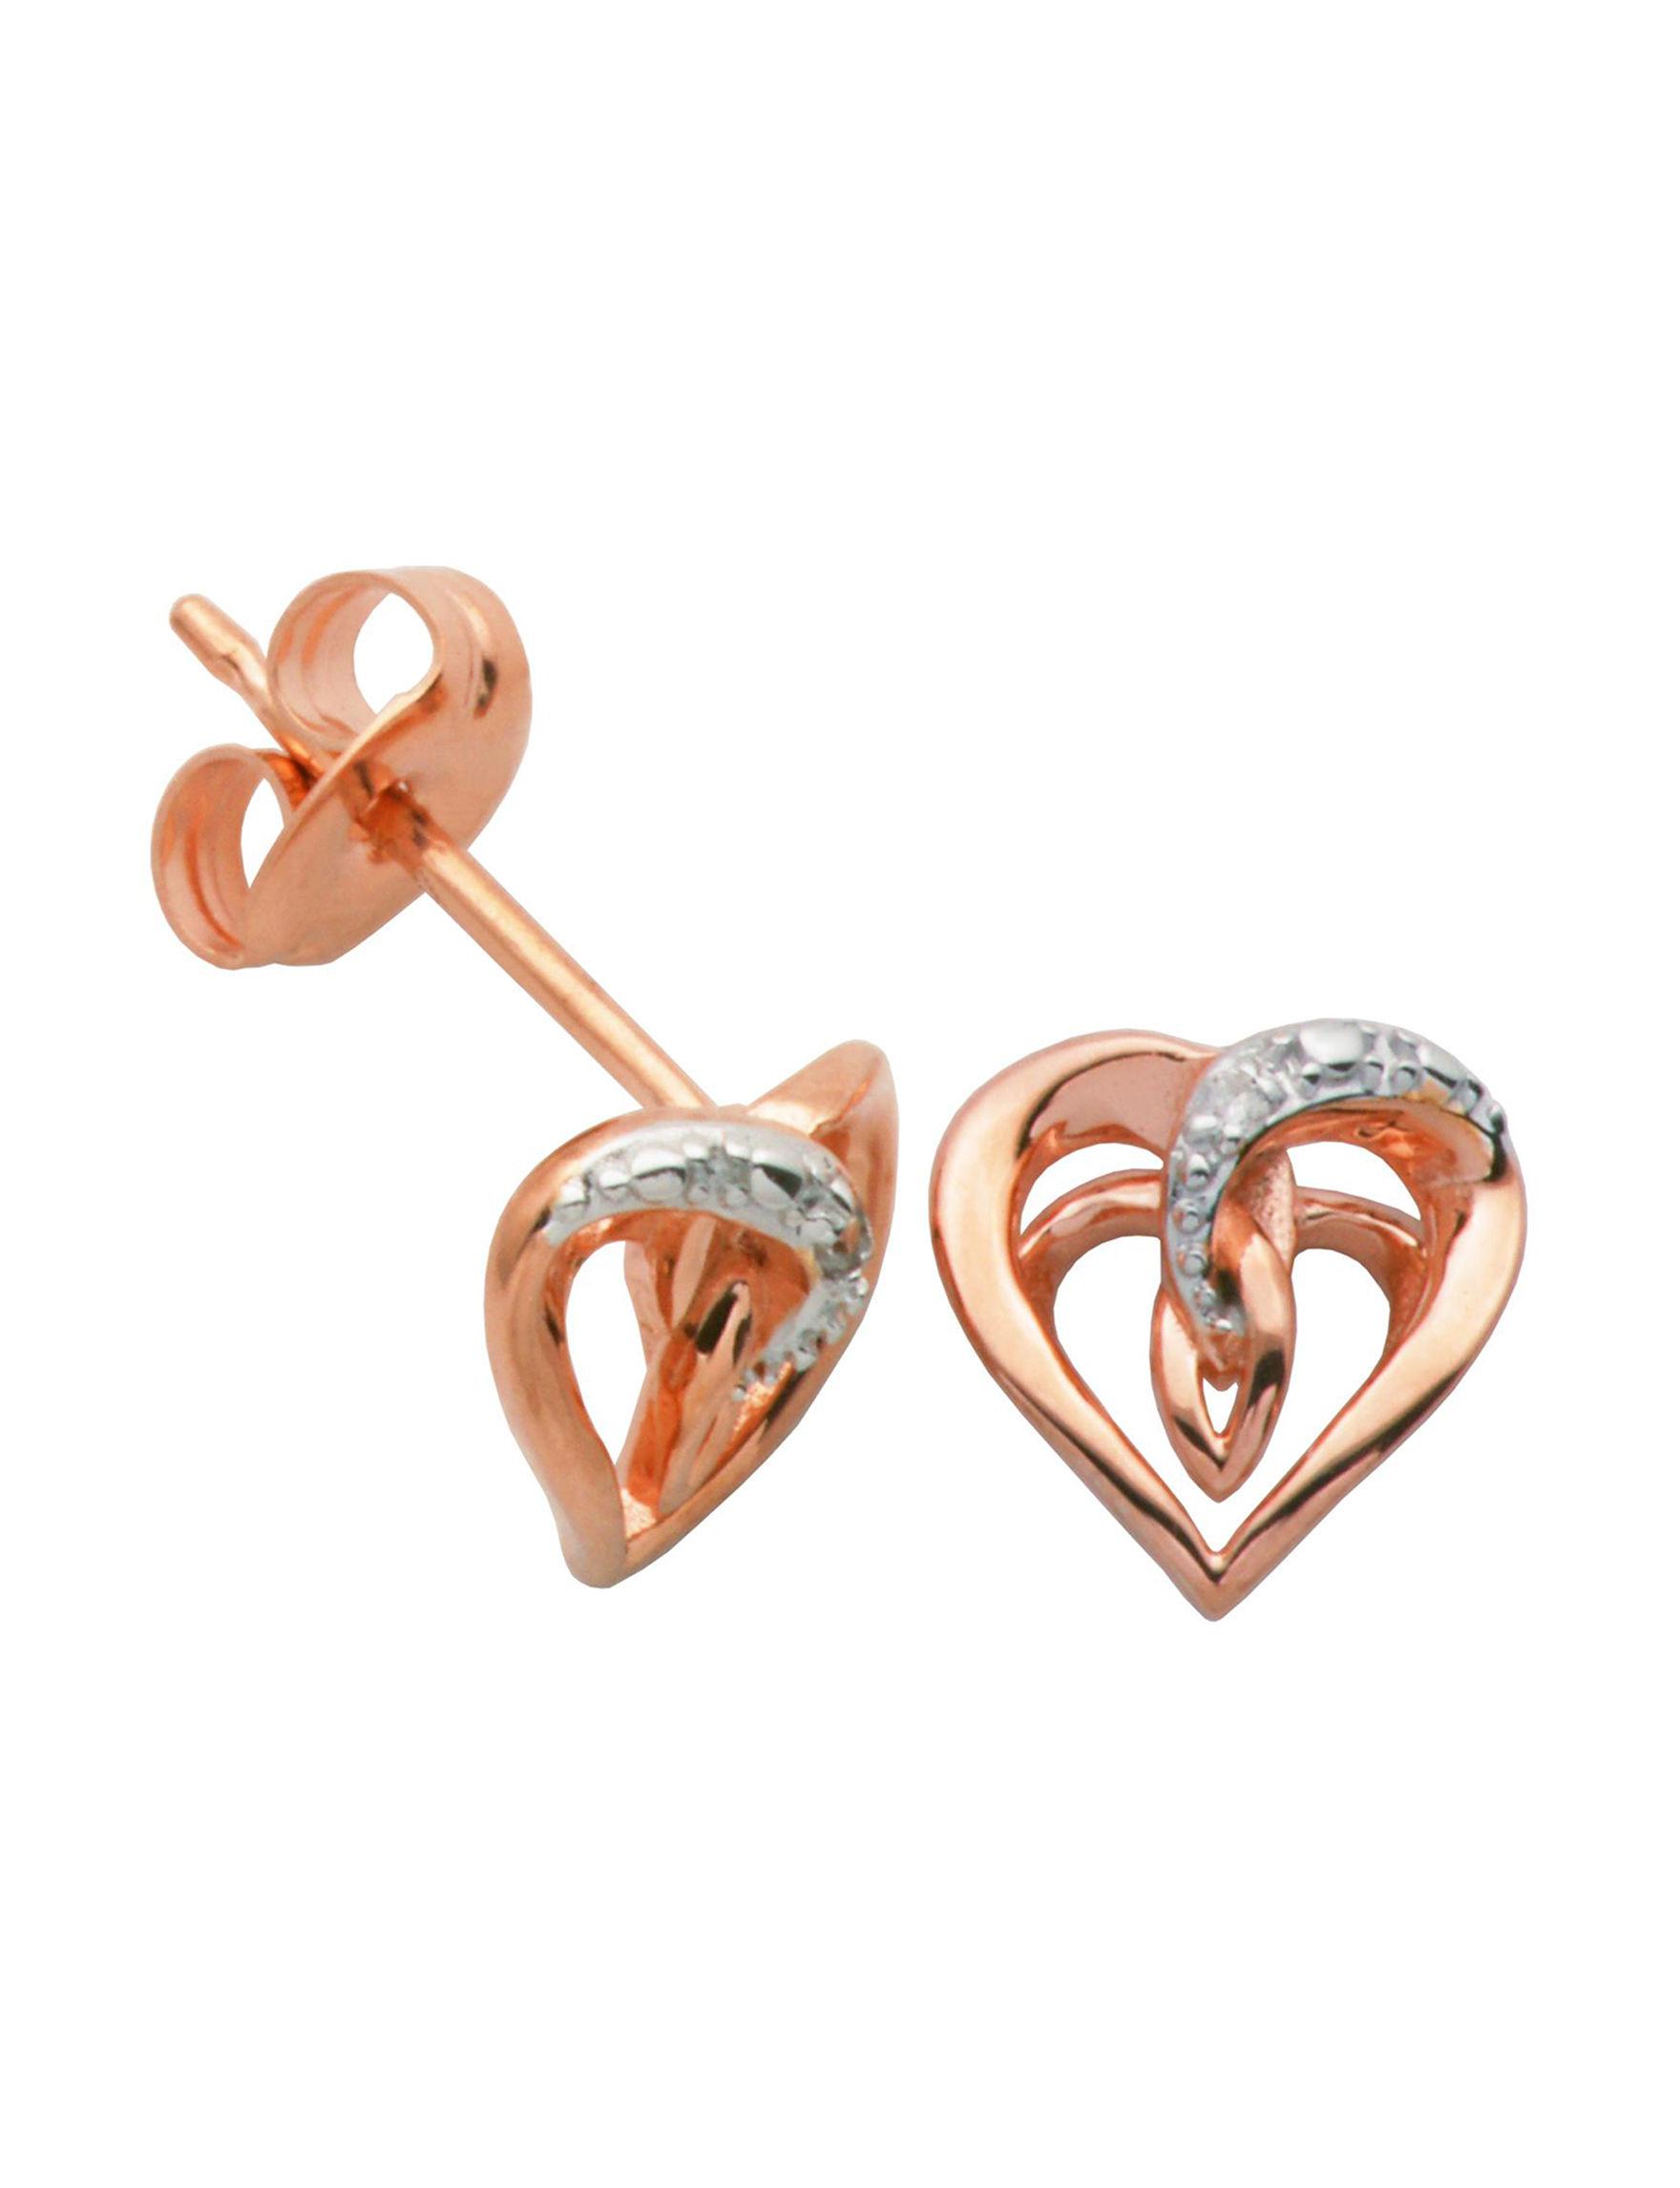 PAJ INC. Rose Gold Earrings Fine Jewelry